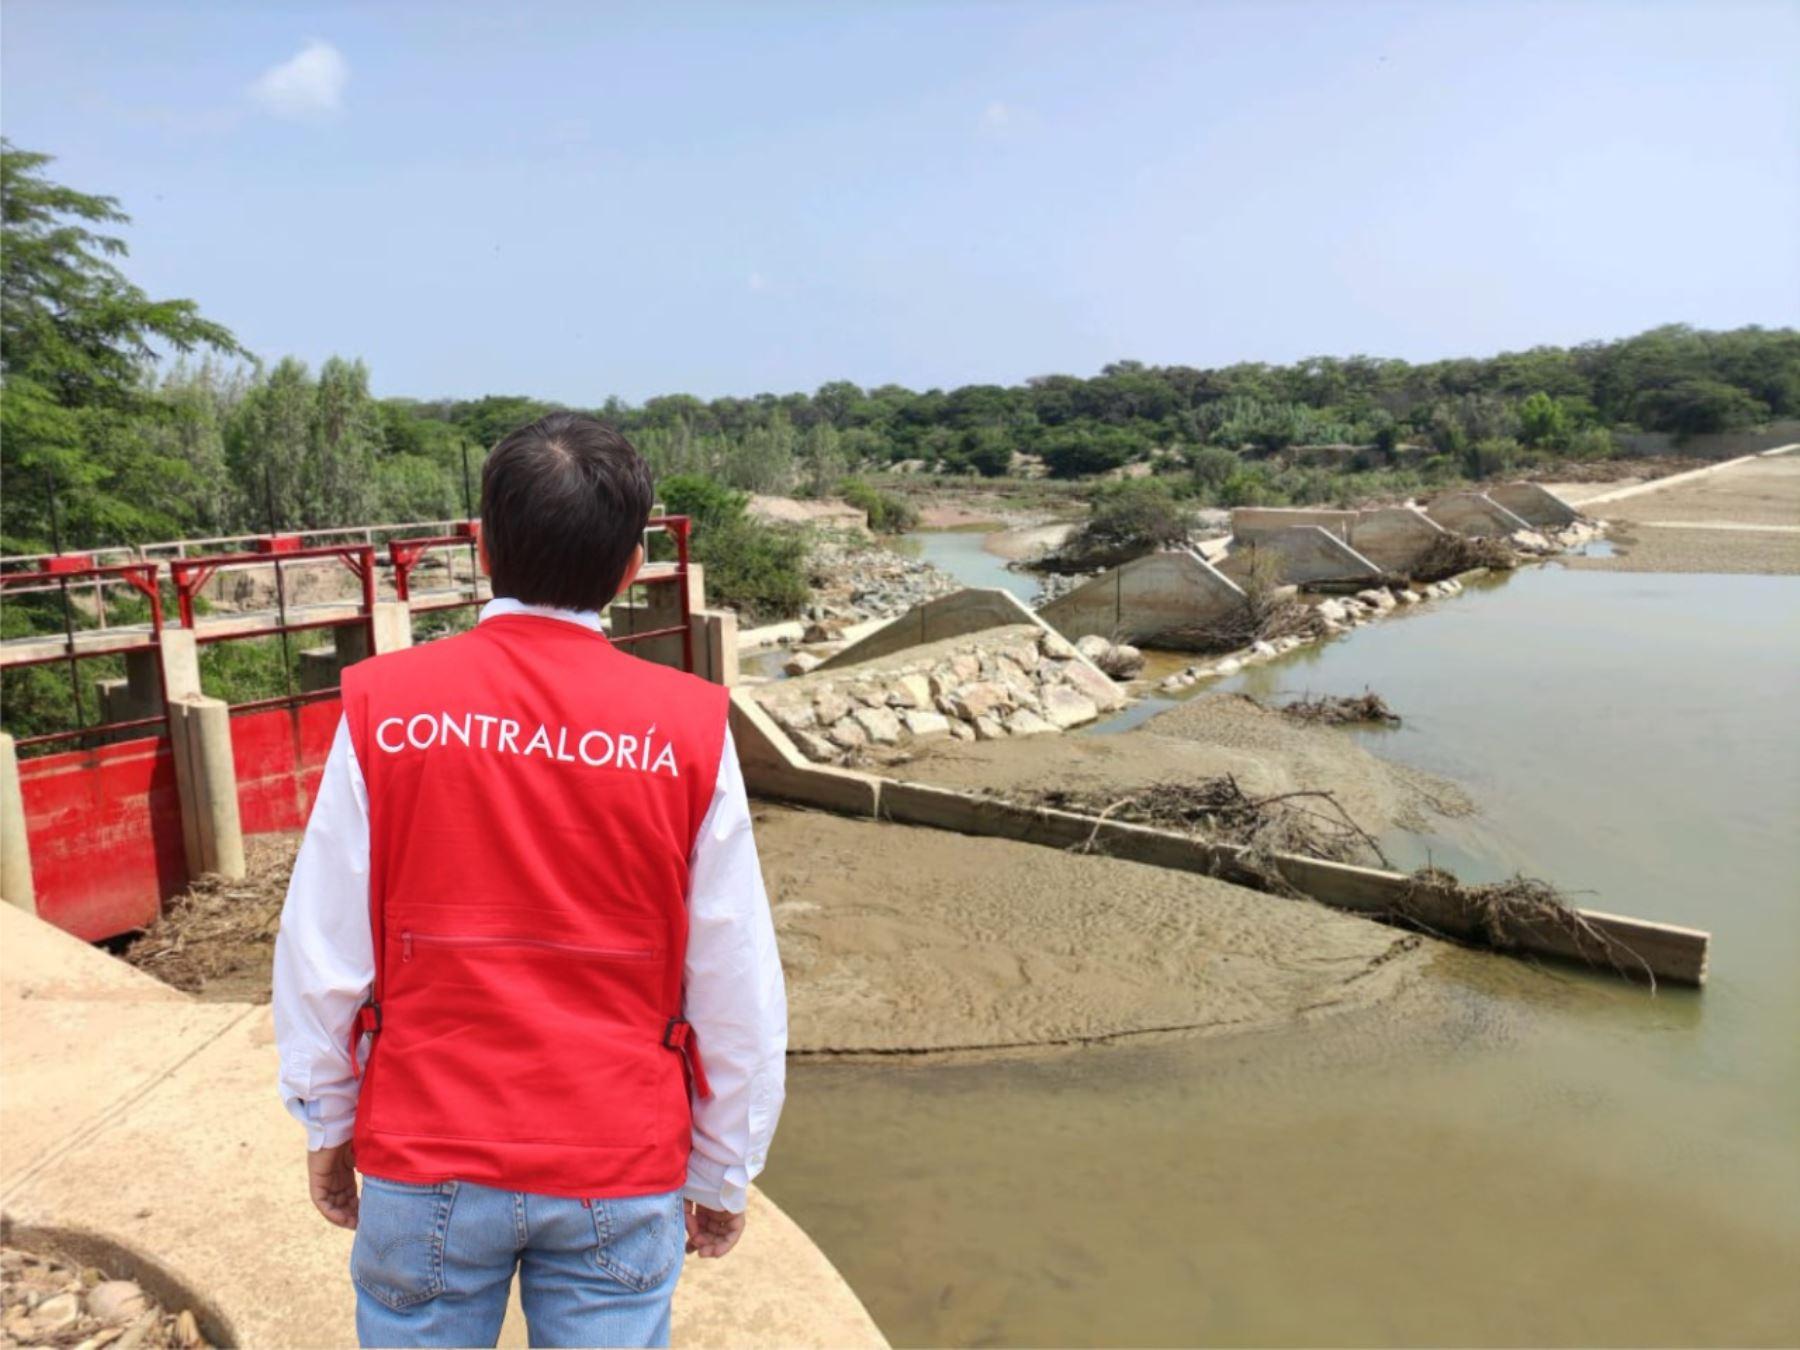 Lambayeque: Contraloría plantea acciones legales contra cuatro servidores regionales